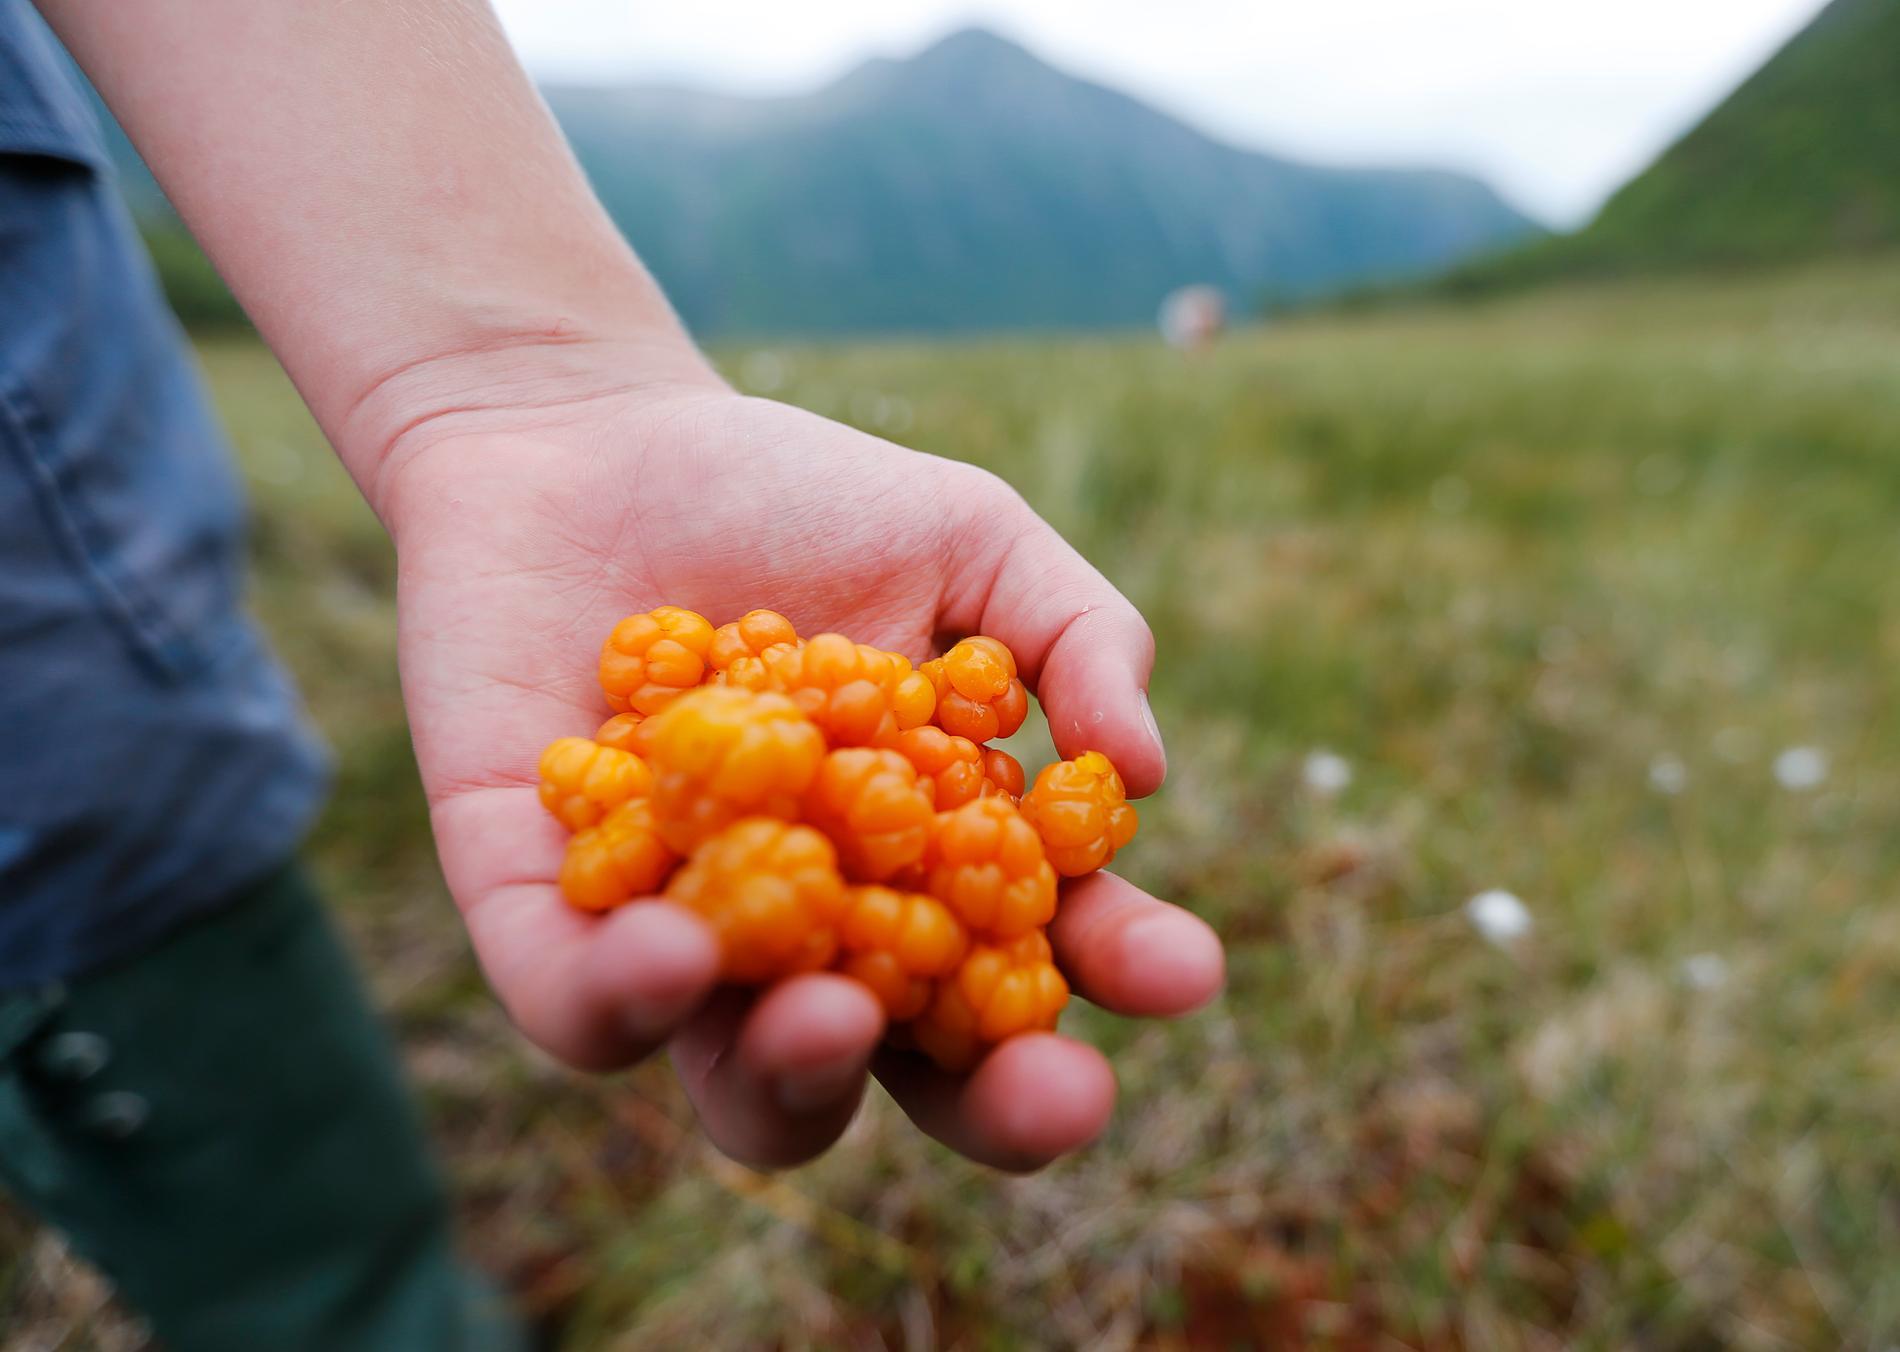 Hjortronen finns i rikliga mängder på många platser i landet vilket hör till ovanligheterna, enligt bärföretagaren Sylve Björkman.